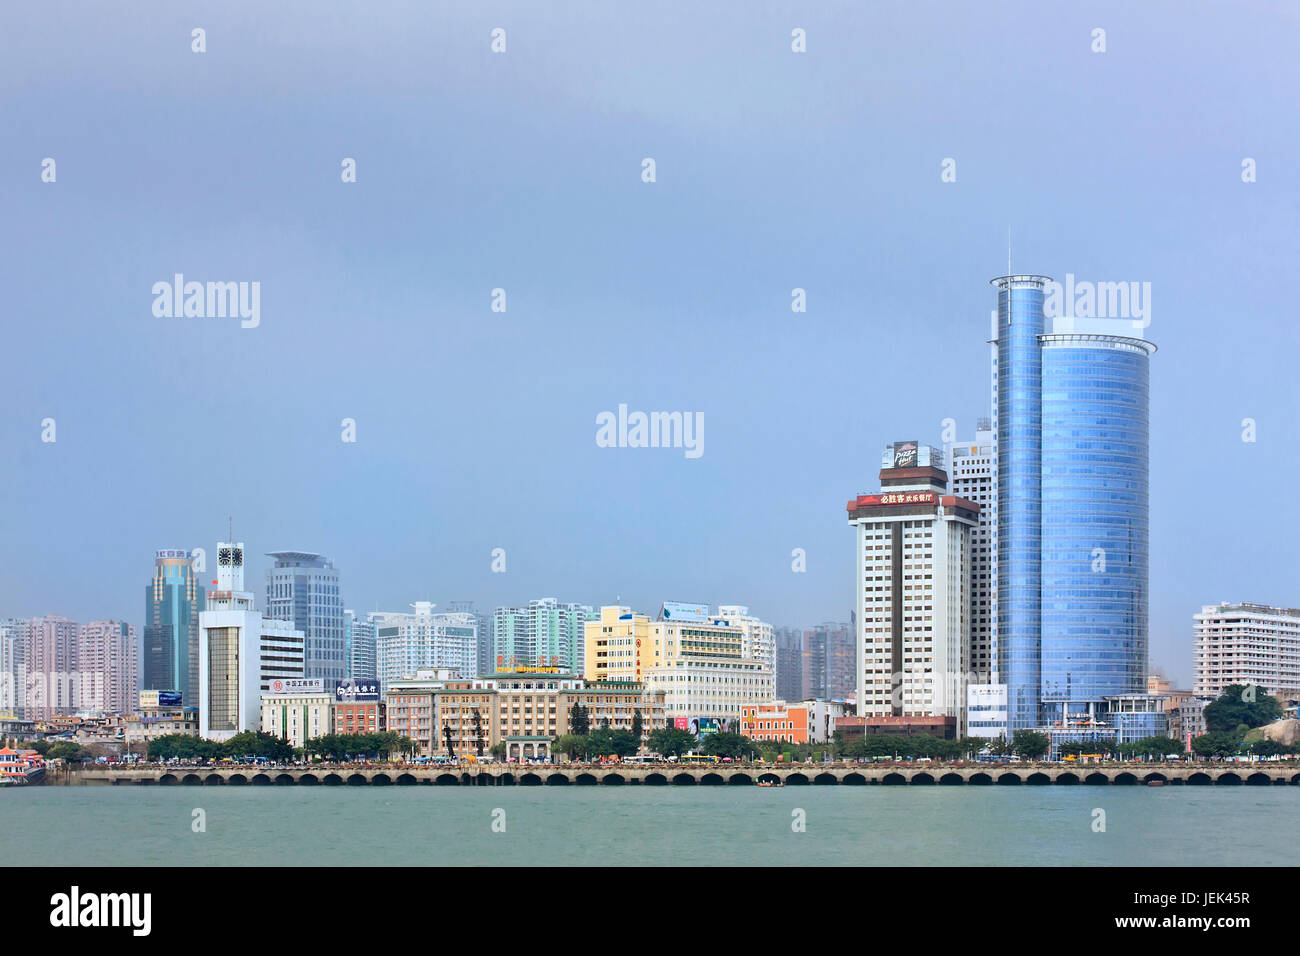 xiamen china el 22 de marzo horizonte de xiamen ciudad importante en la costa sudeste de china con una poblacion de 3 67 millones de euros una de las ciudades mas habitables de china jek45r